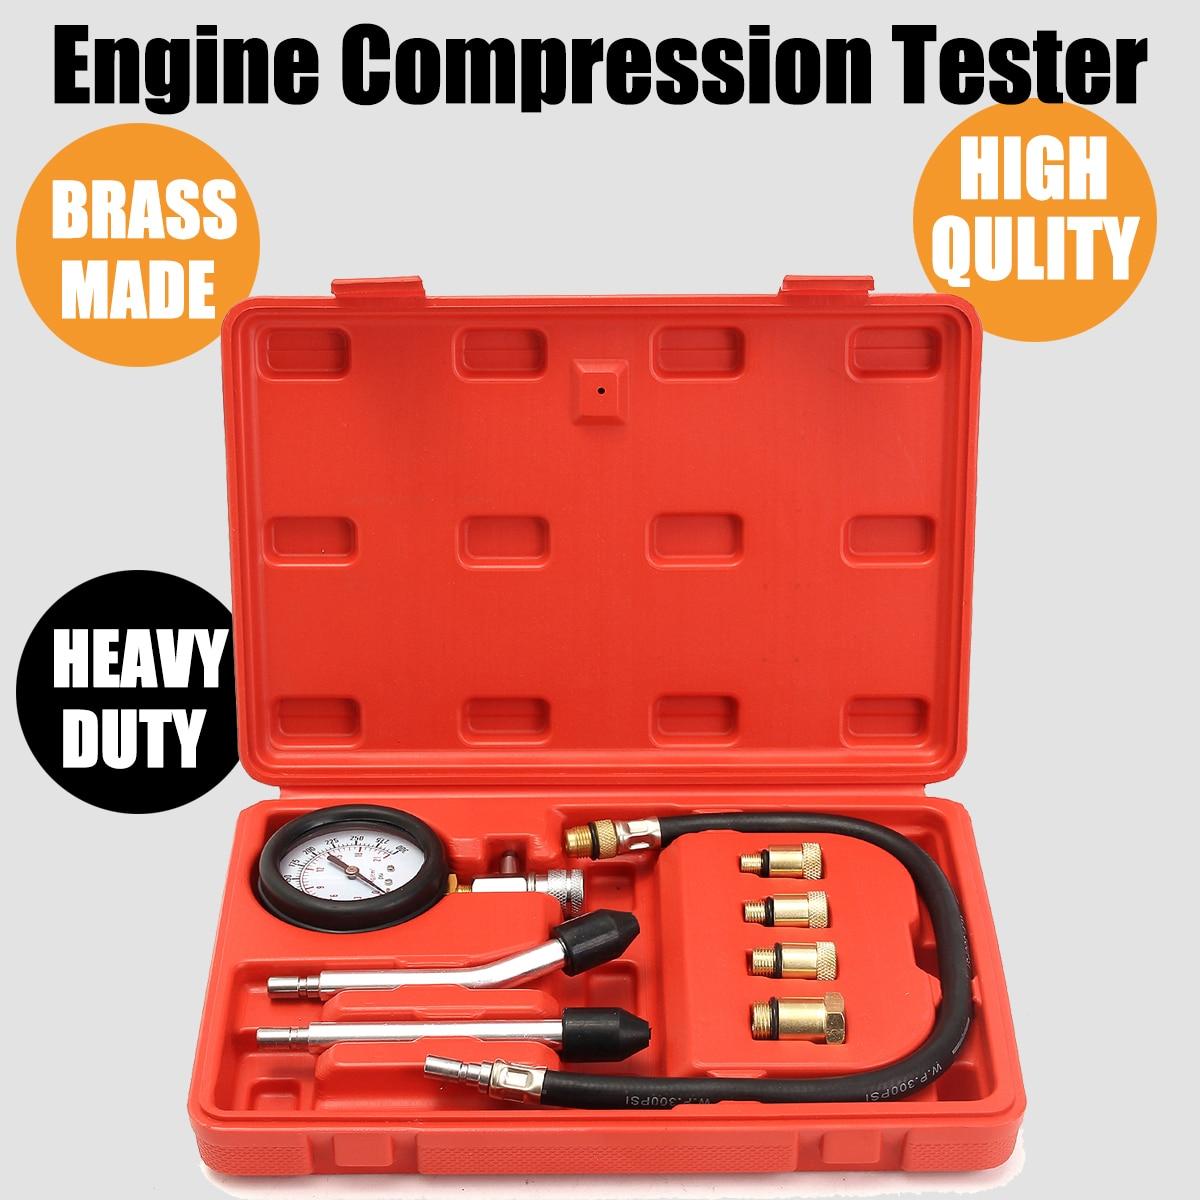 0-300 PSI Compressor Gauge Meter Test Pressure Compression Tester Petrol Gas Engine Cylinder Leakage Diagnostic Car Tool